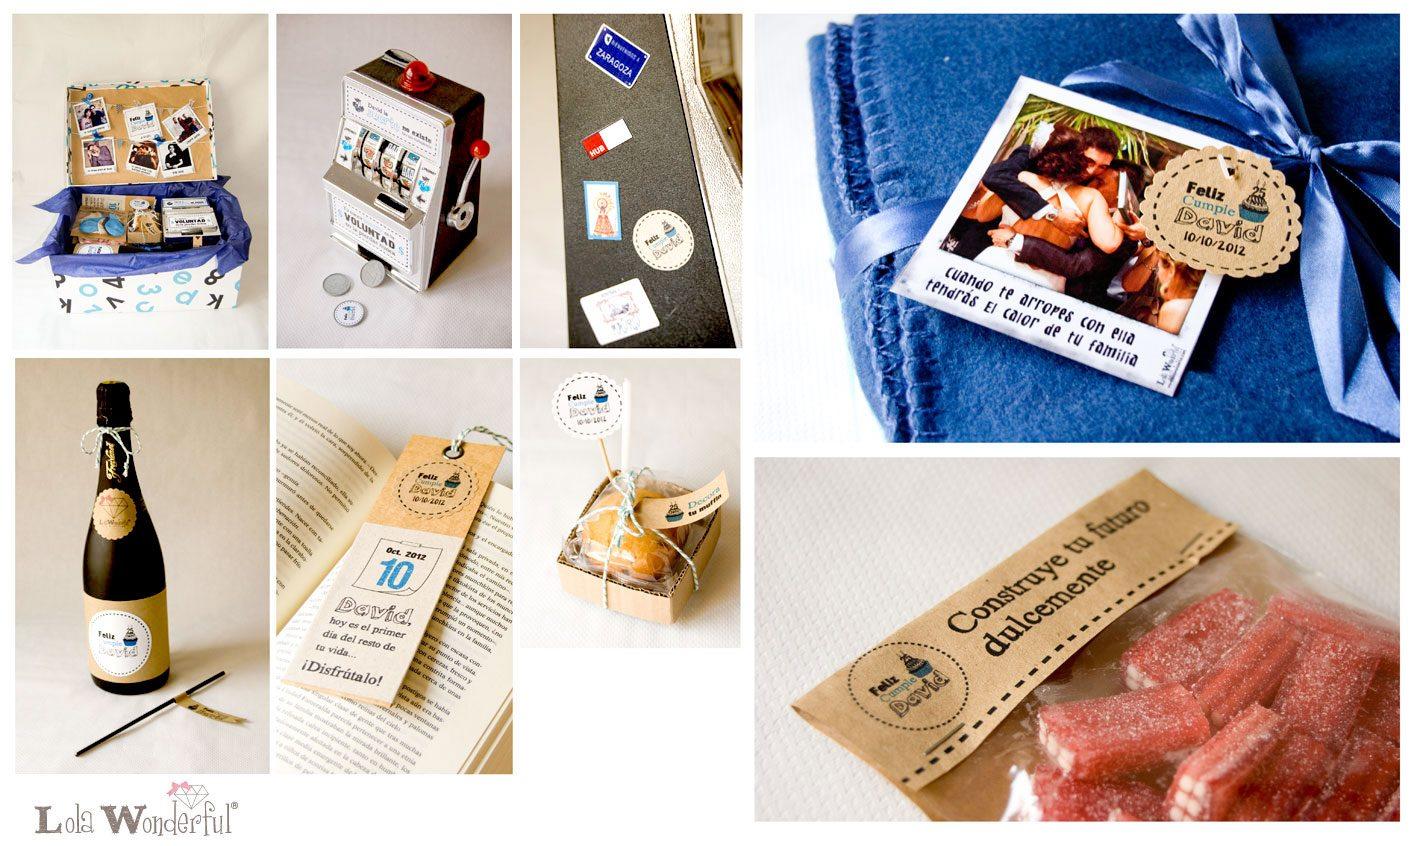 Lola wonderful regalos personalizados y dise o para for Regalos para hermanos en boda